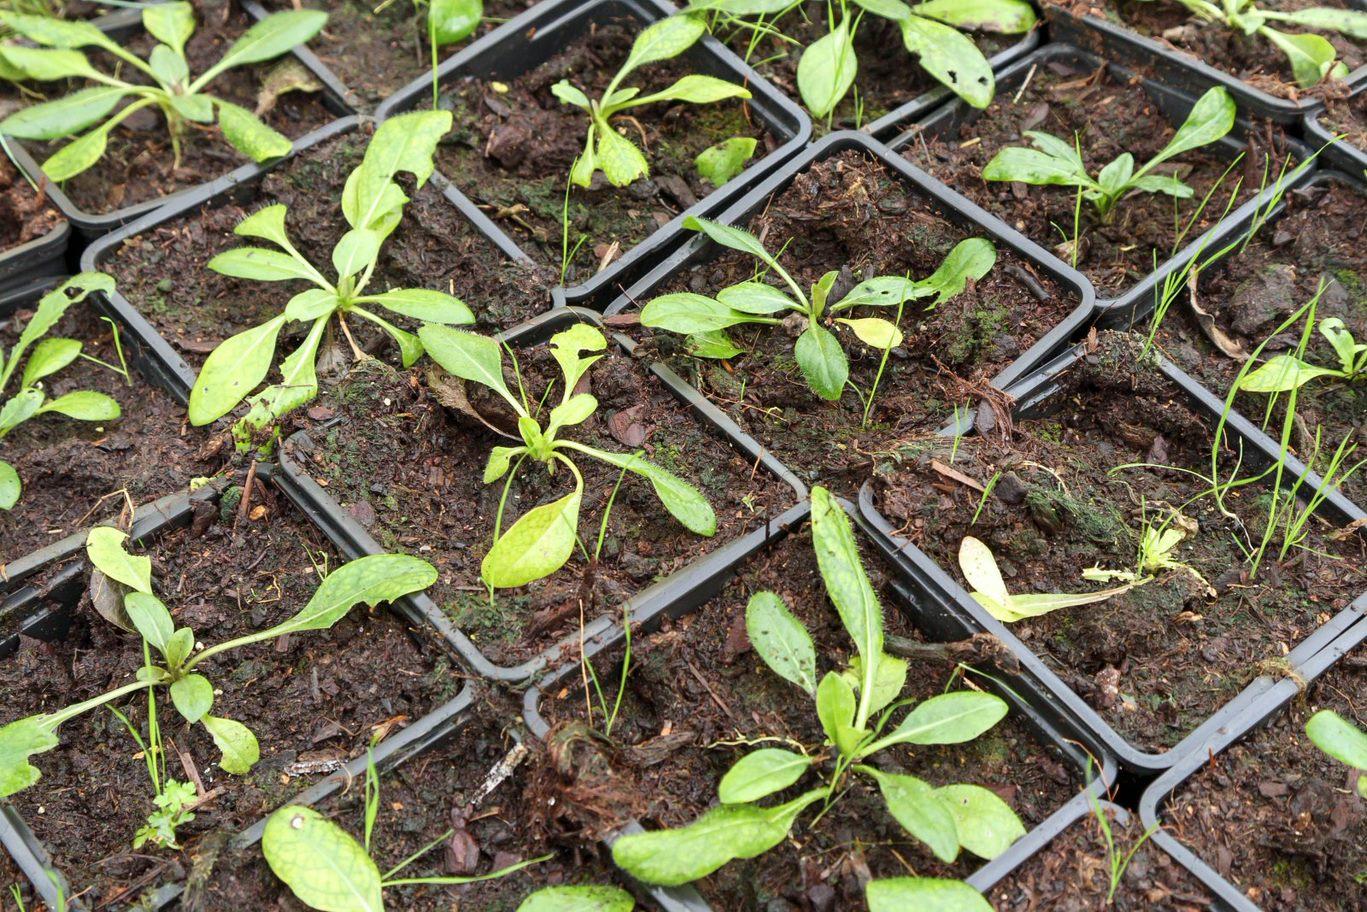 Afbeelding met gras, buiten, groente, stof  Automatisch gegenereerde beschrijving